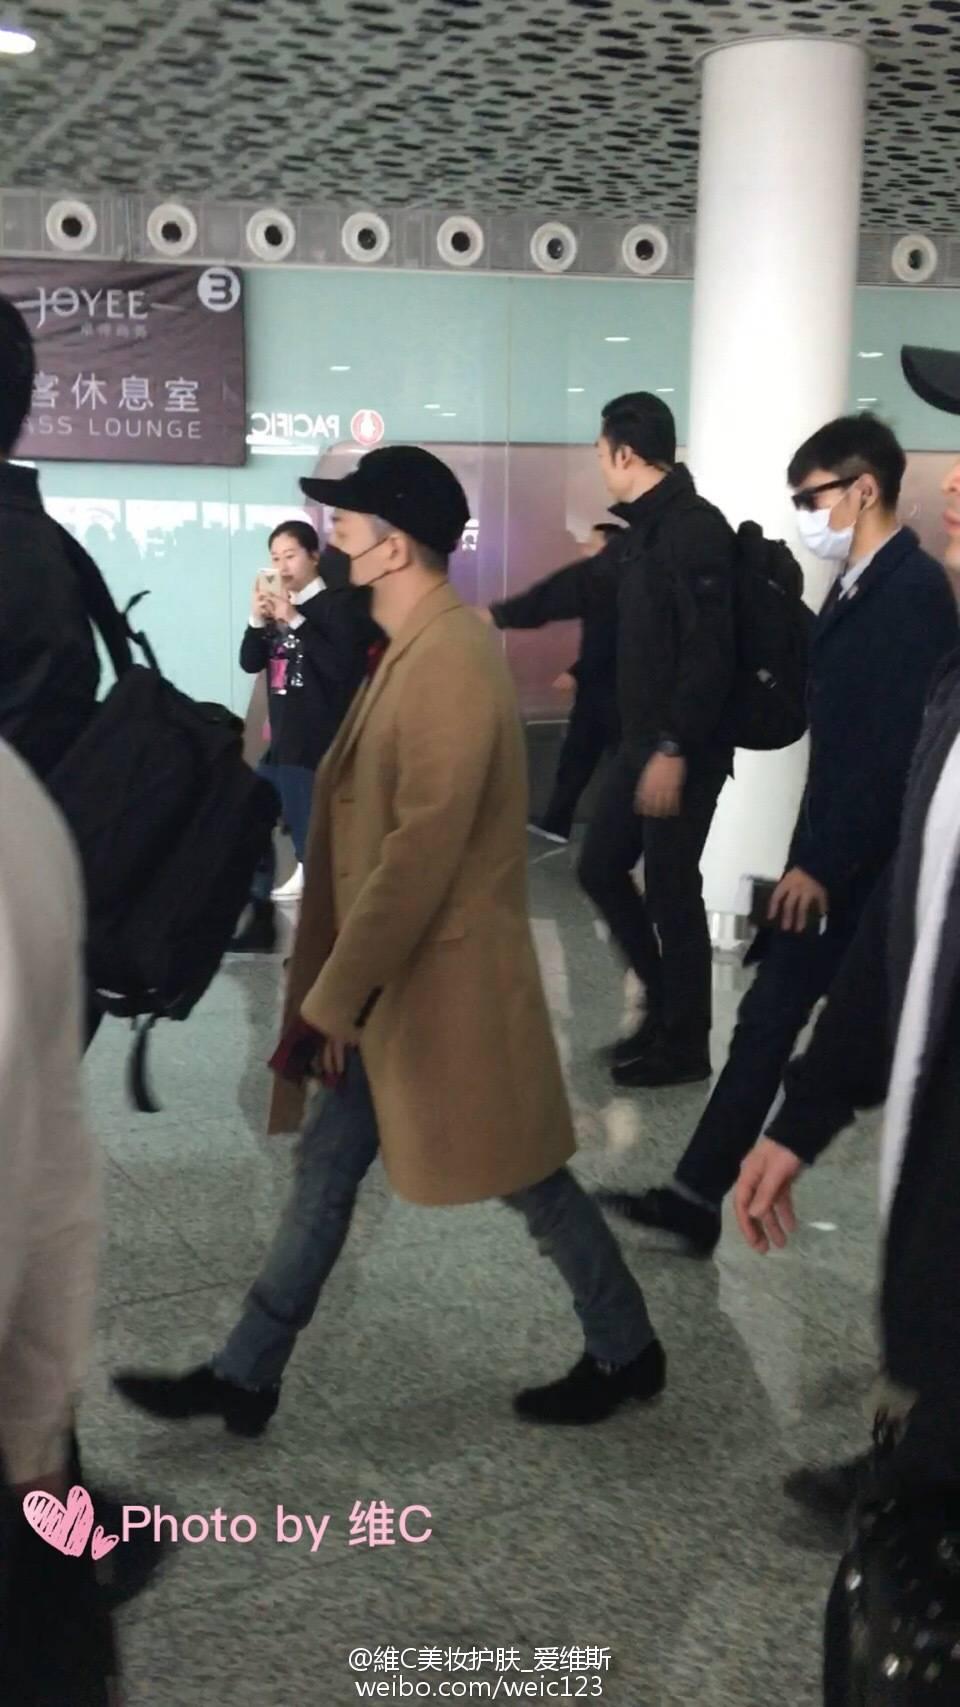 Shenzhen Airport 2016-03-14 (2)